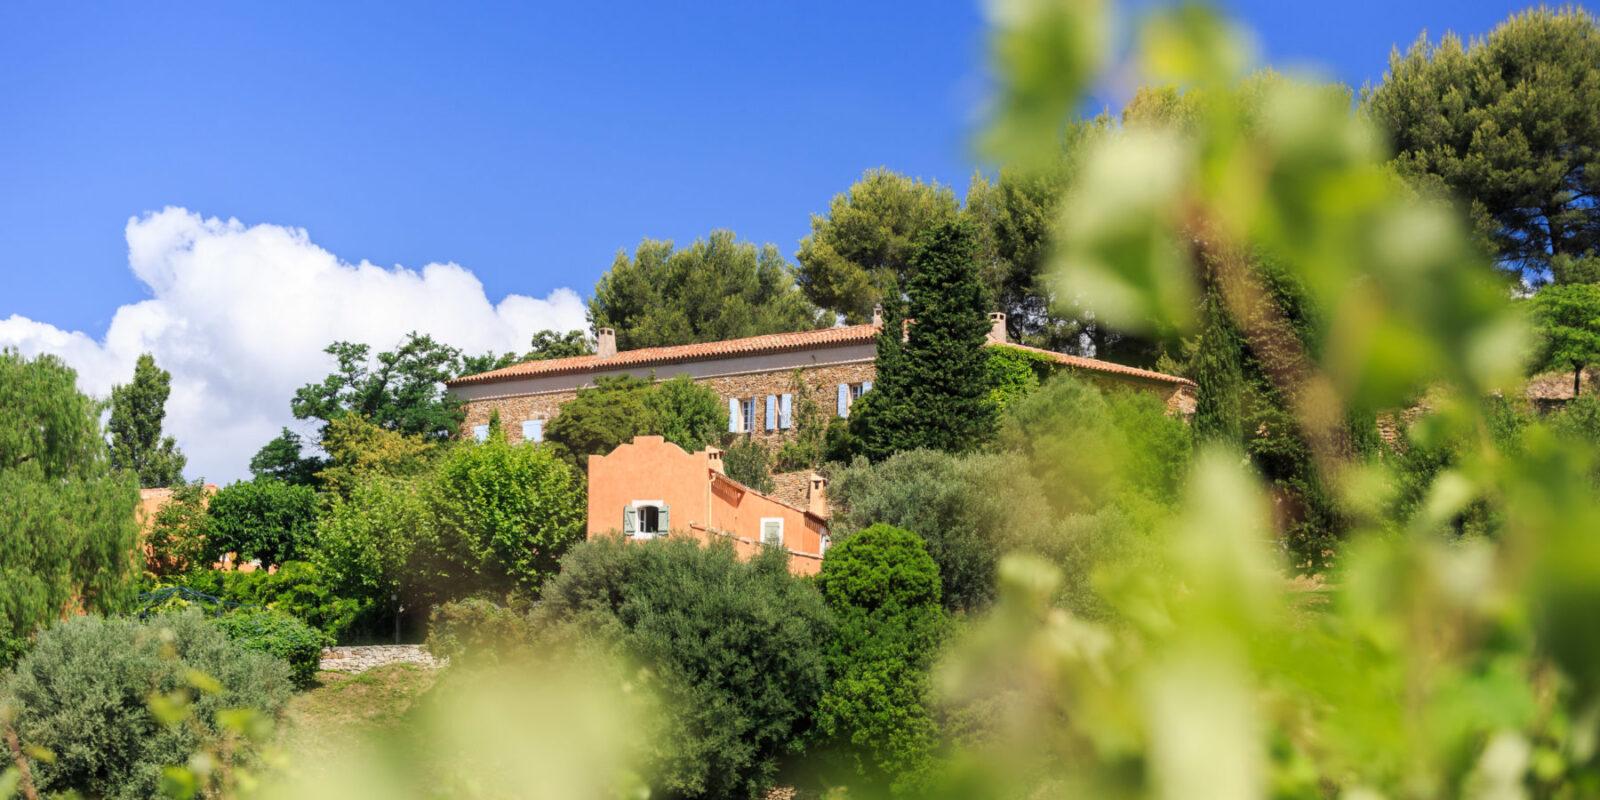 - Les domaines viticoles des stars - 2021 - 11